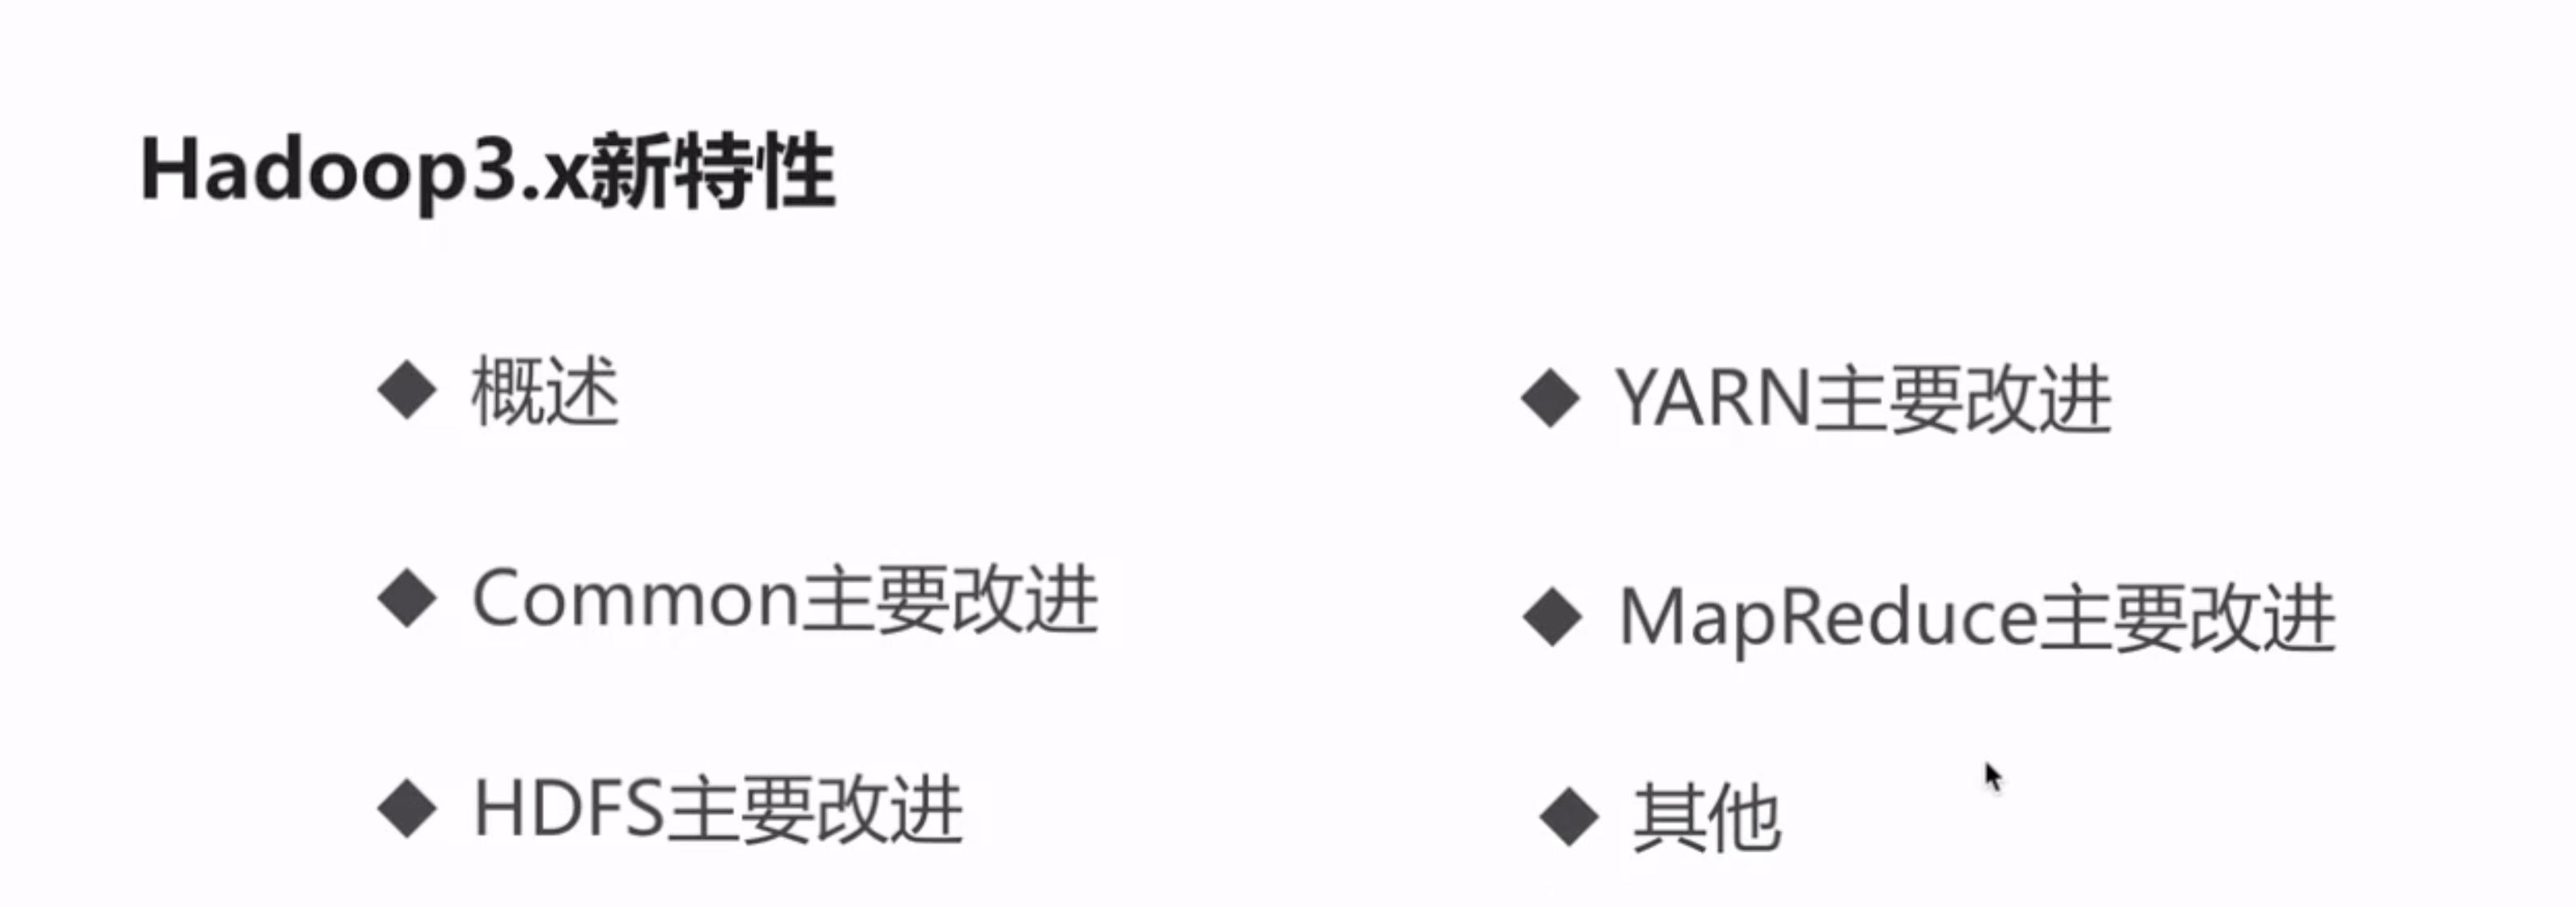 史上最快! 10小时大数据入门实战(十)-Hadoop3.x新特性